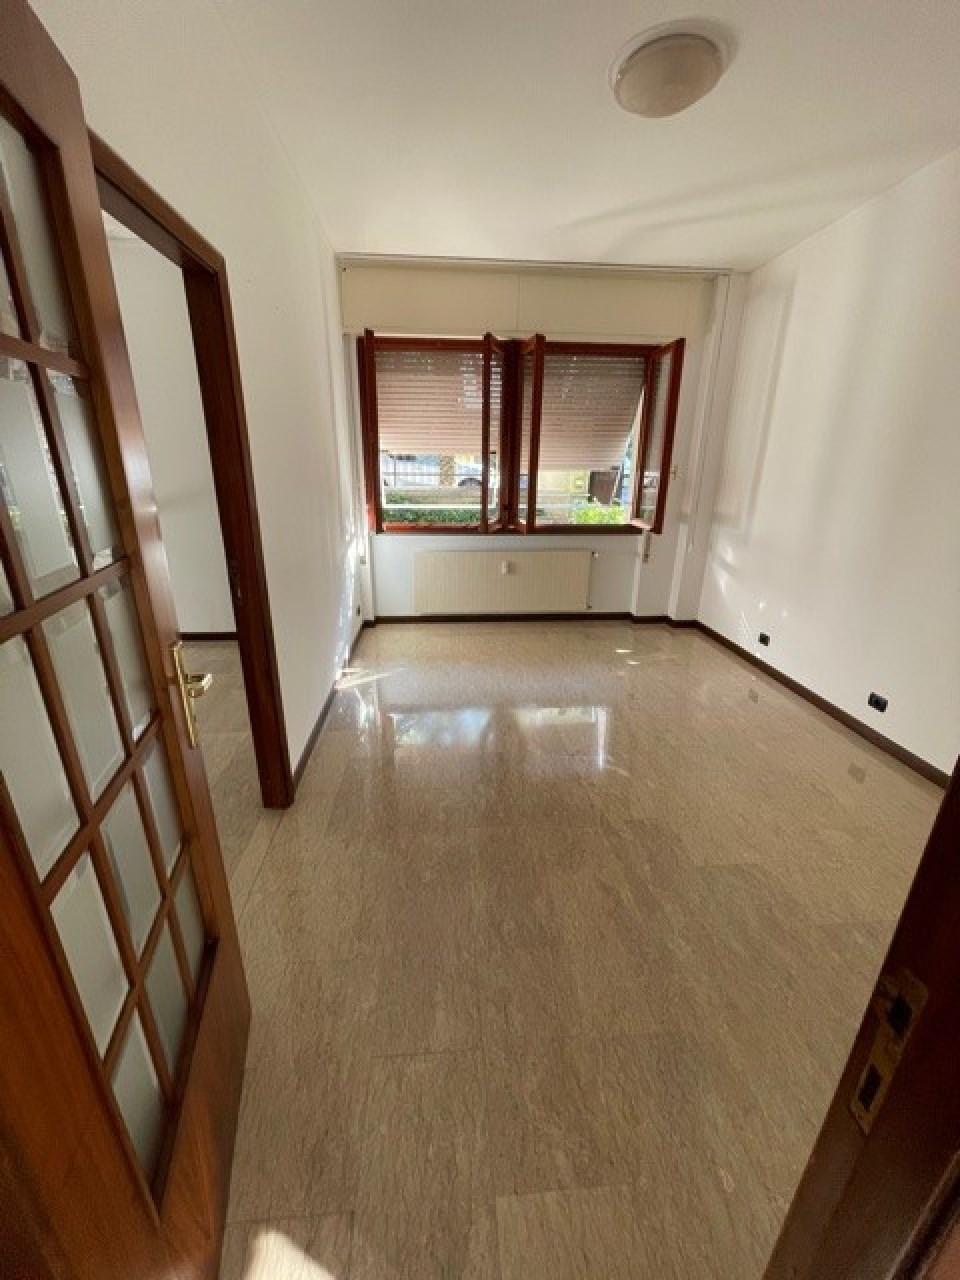 Ufficio / Studio in affitto a Chiavari, 3 locali, prezzo € 700   PortaleAgenzieImmobiliari.it